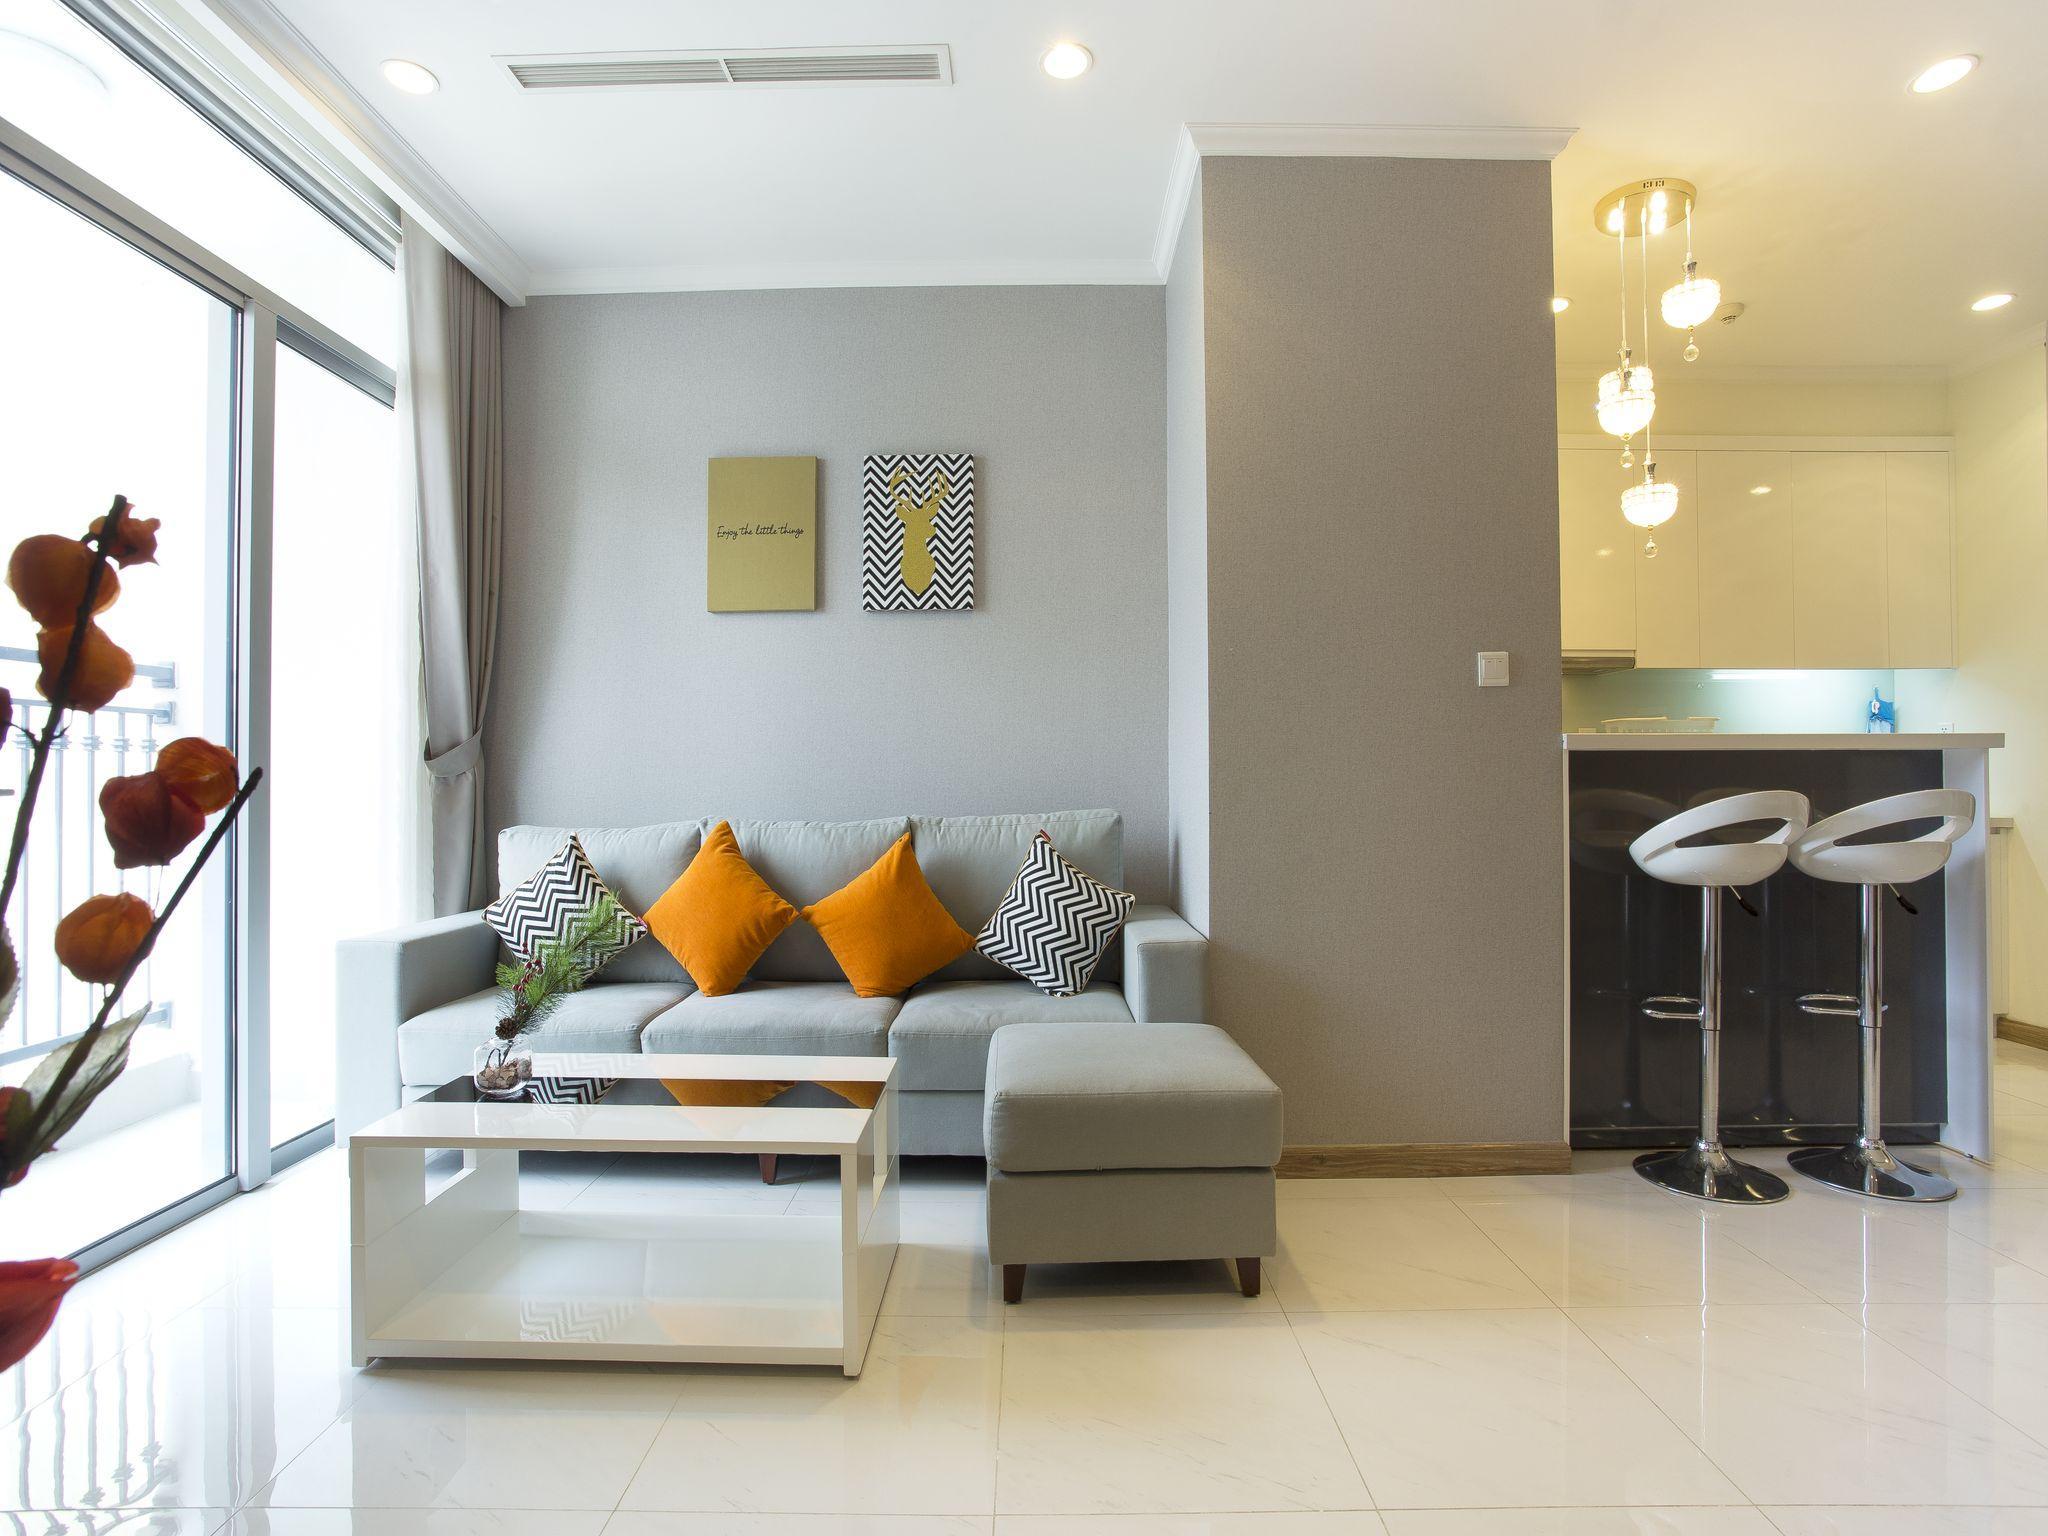 1101  Vinhomes Central Park 2 BR Tan's Apartment